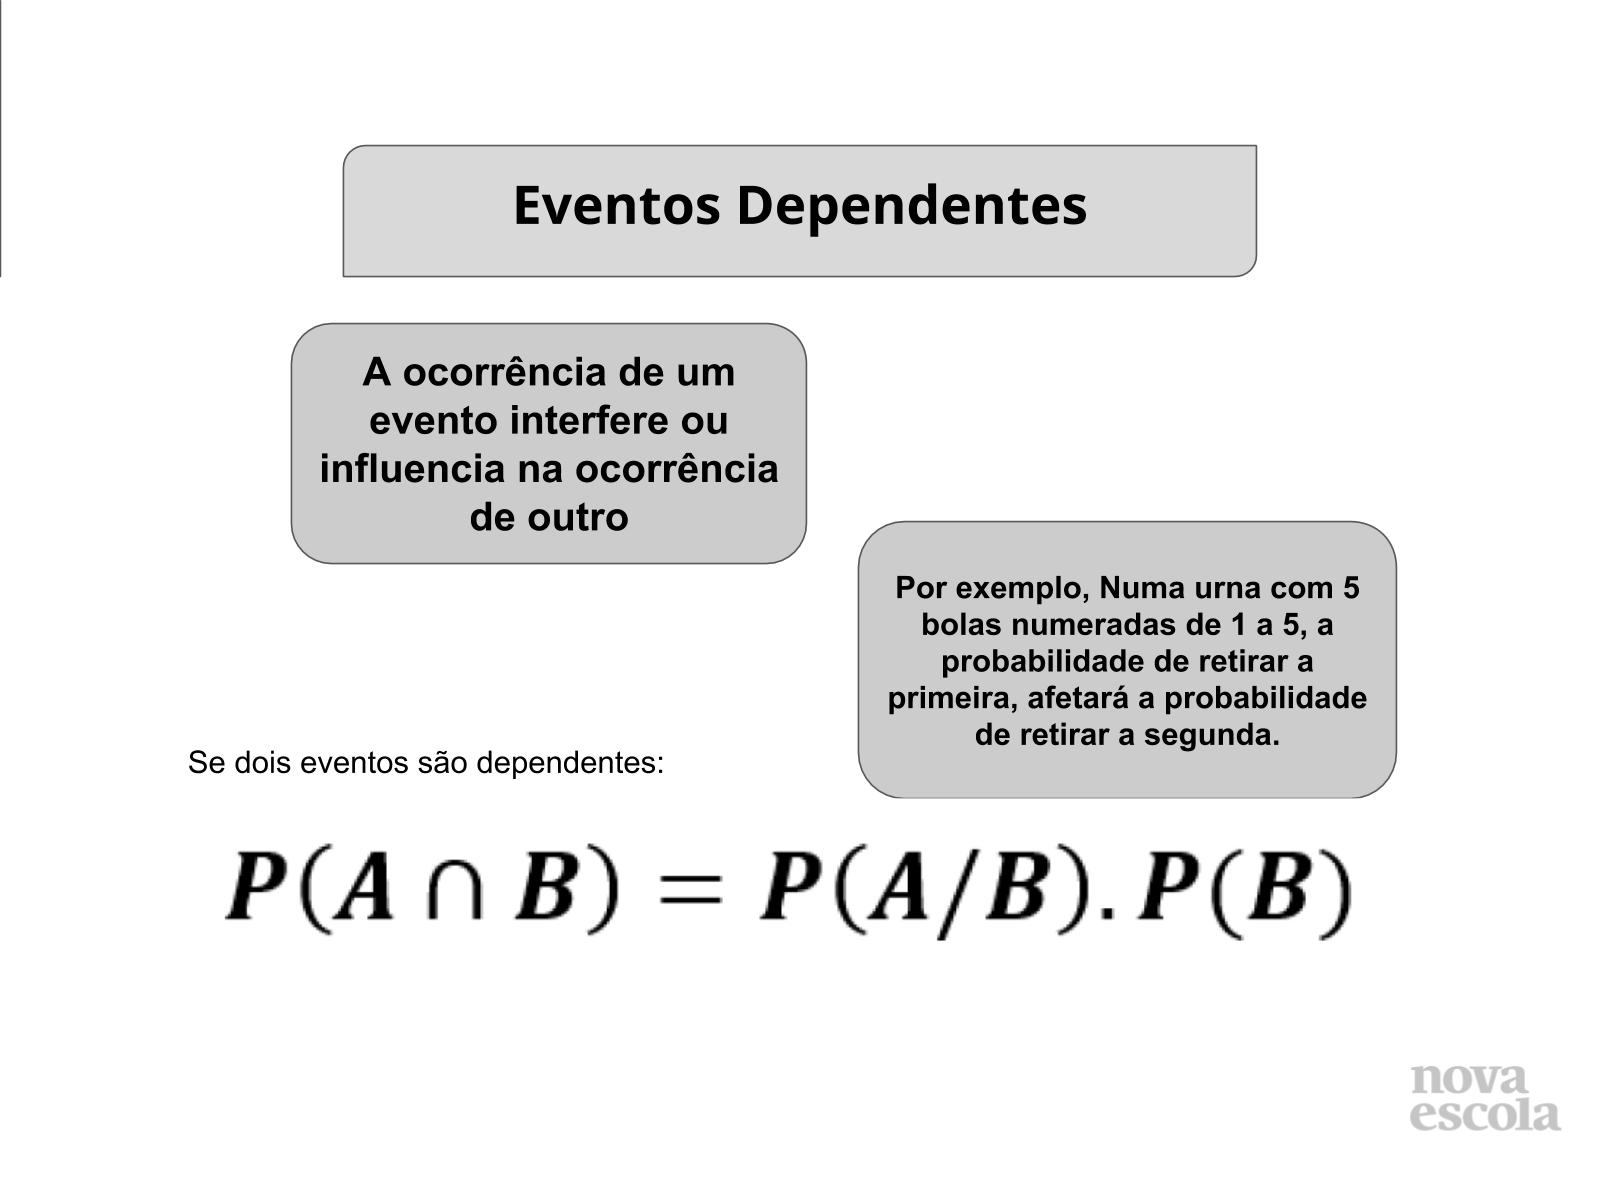 Eventos dependentes